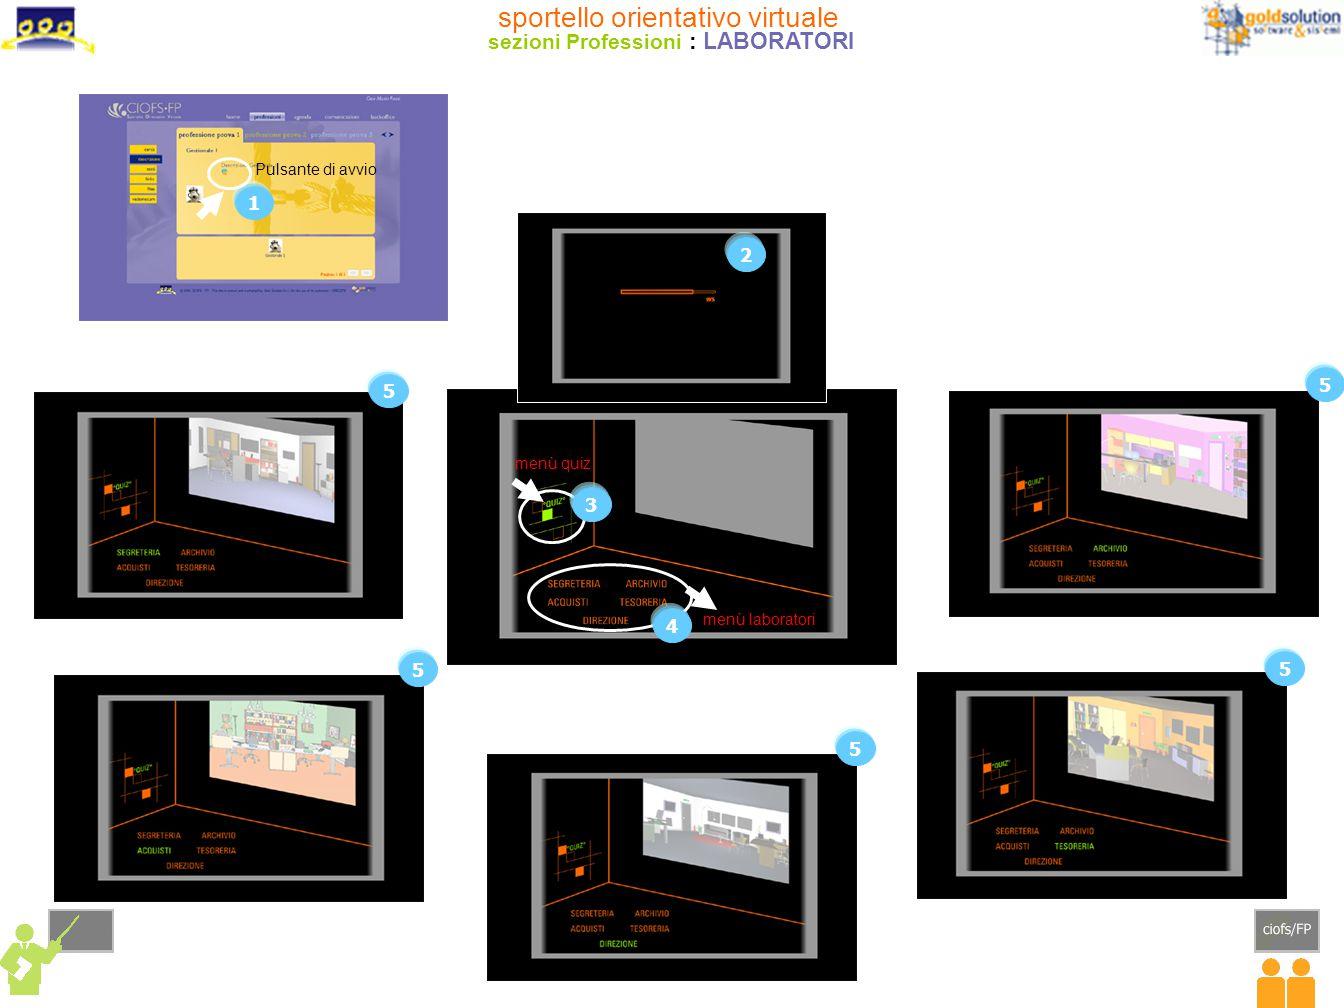 sportello orientativo virtuale sezioni Professioni : LABORATORI 1 2 3 5 5 5 5 5 Pulsante di avvio 4 menù quiz menù laboratori